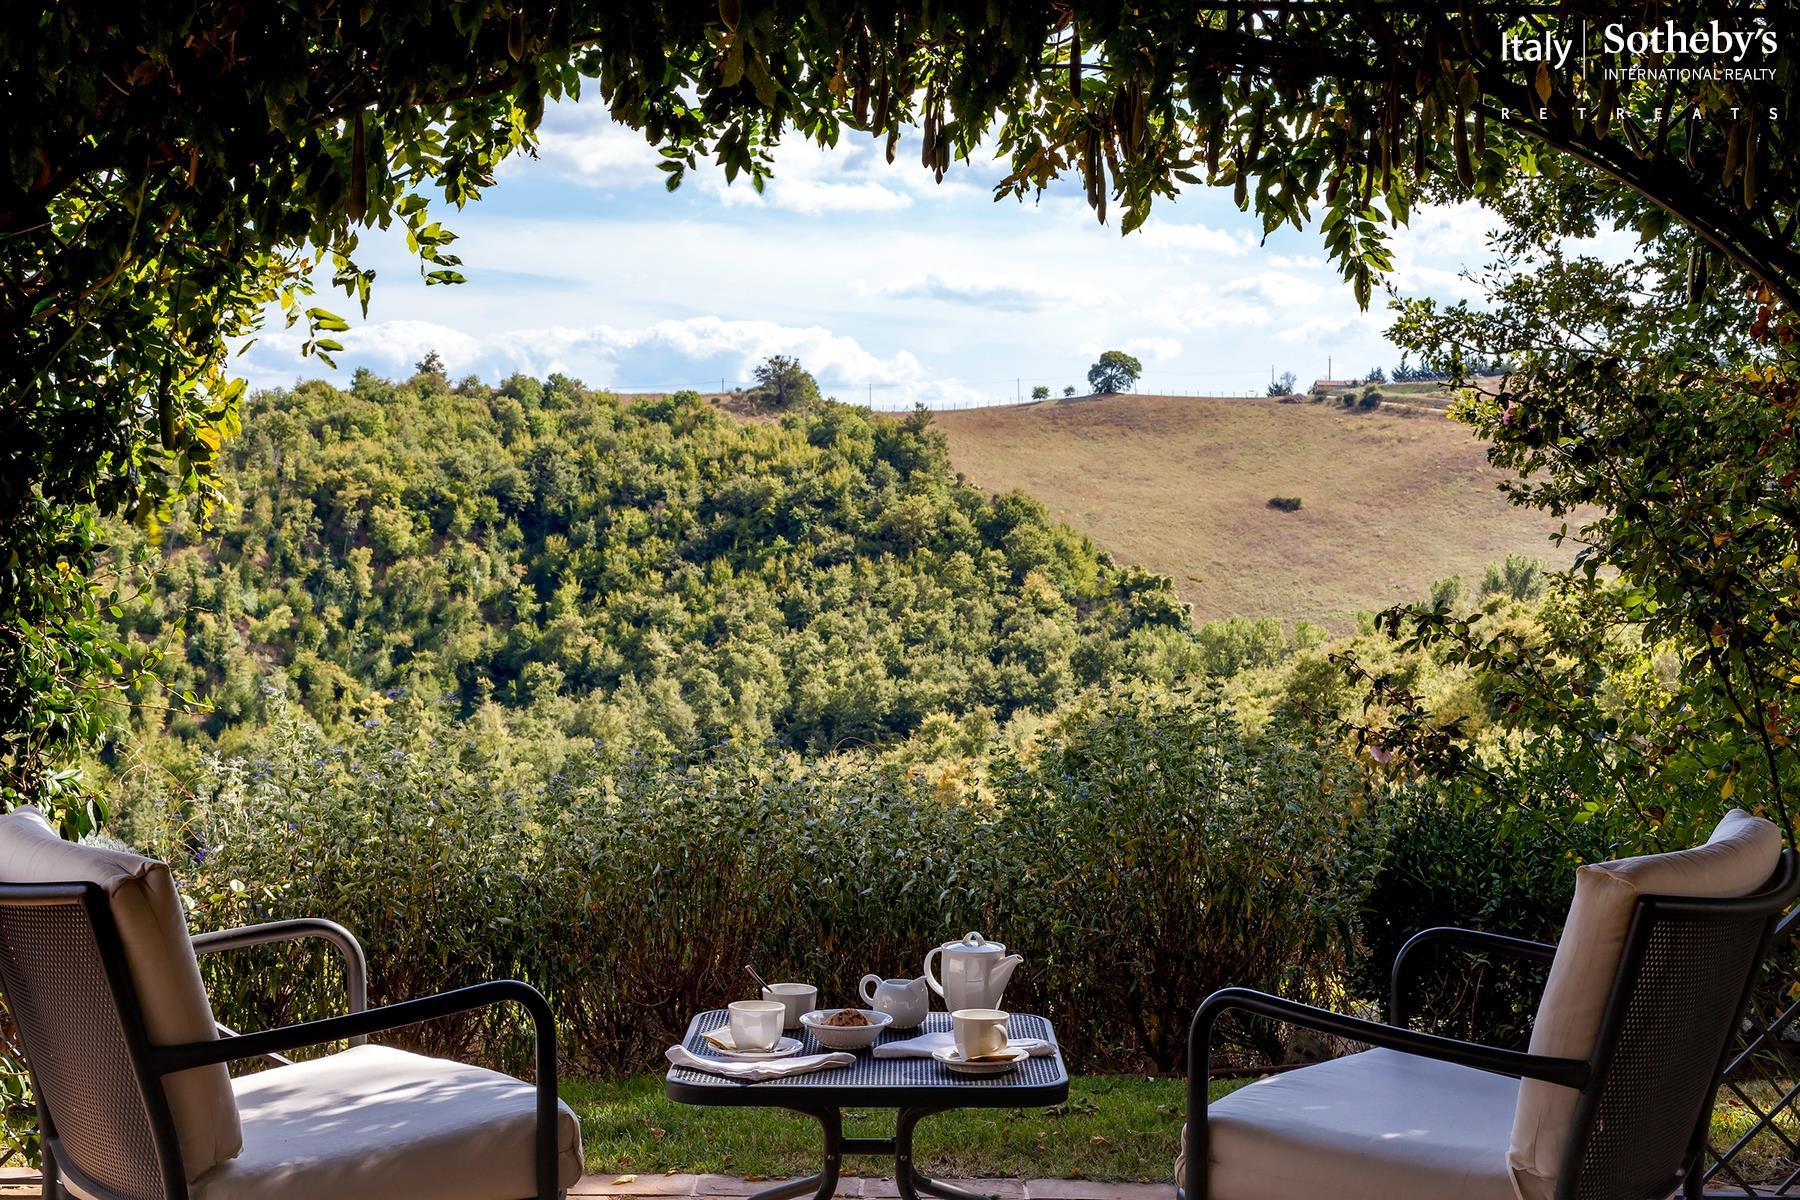 Luxus-Villa Für Den Ruhestand in Italien | Sotheby's Realty - sothebys.photo 1